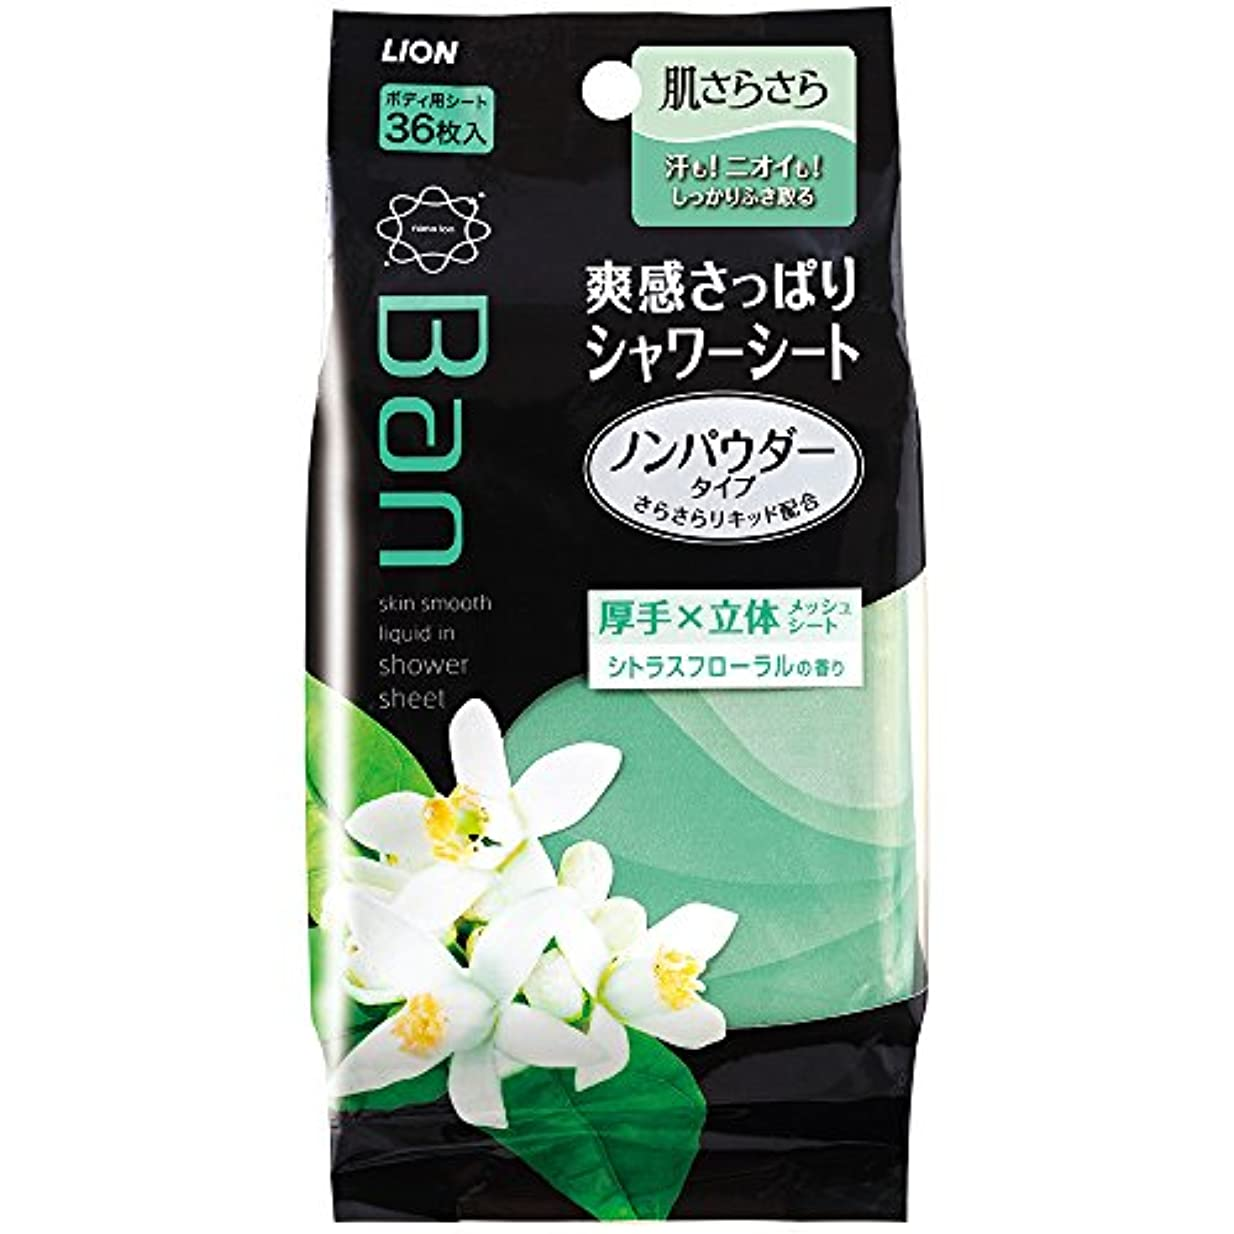 笑い愛バウンドBan(バン) 爽感さっぱりシャワーシート ノンパウダータイプ シトラスフローラルの香り 36枚